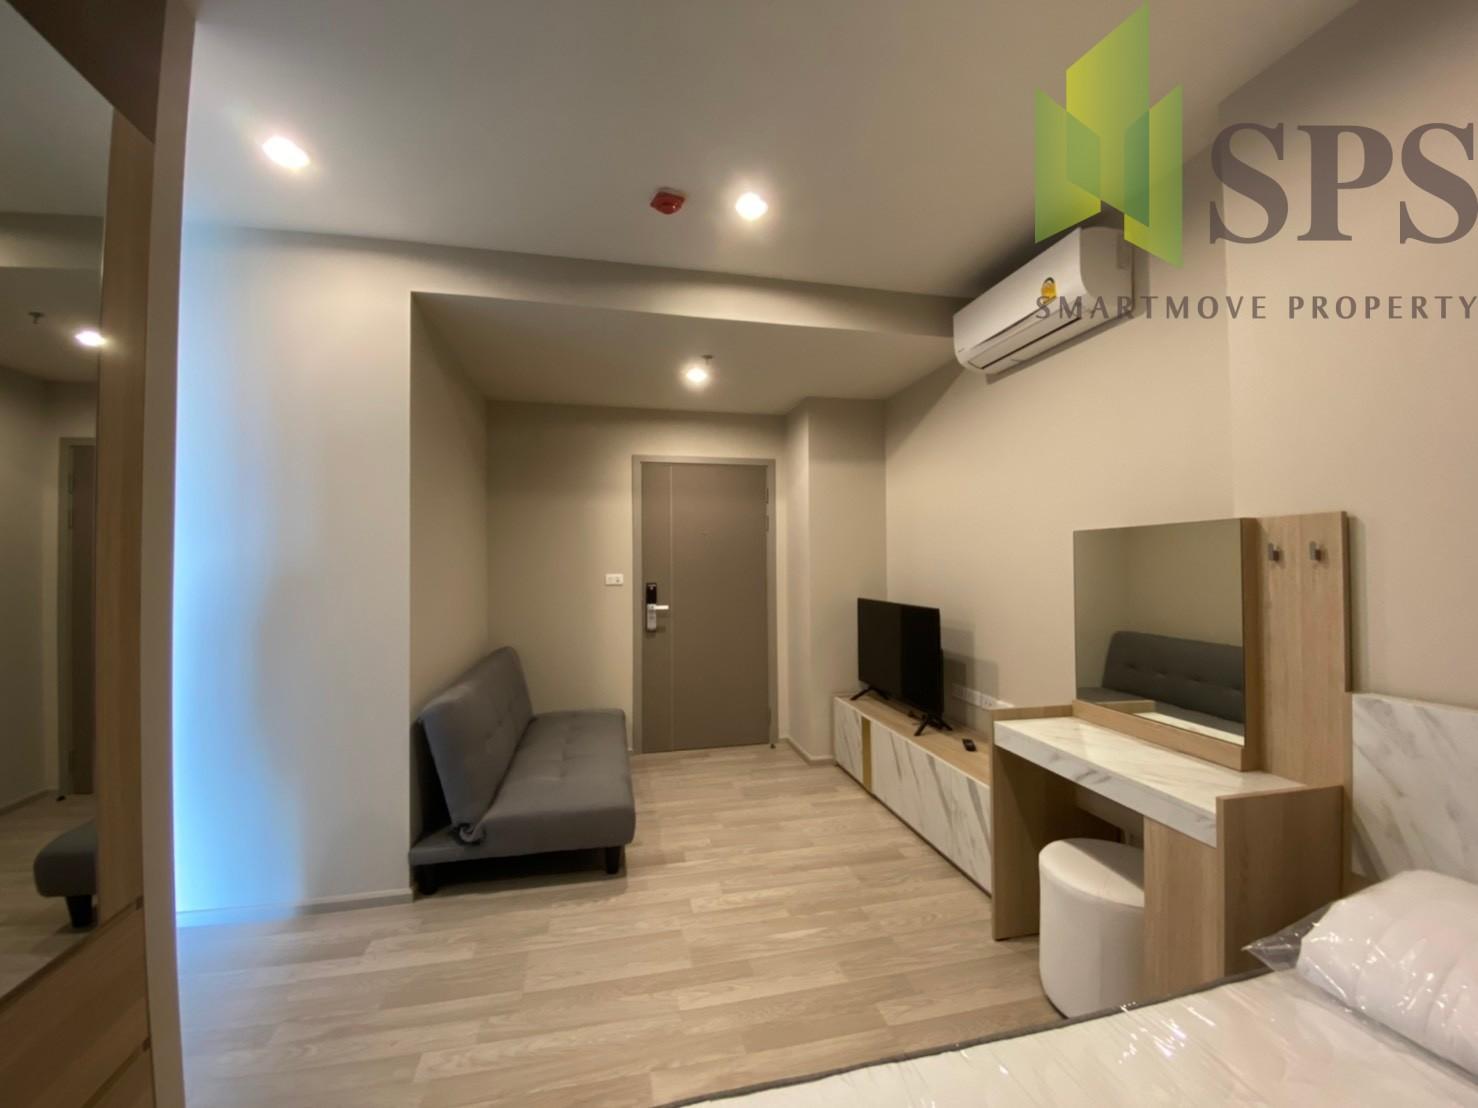 Condominium Ideo Mobi Sukhumvit Eastpoint (SPS-GC1087)